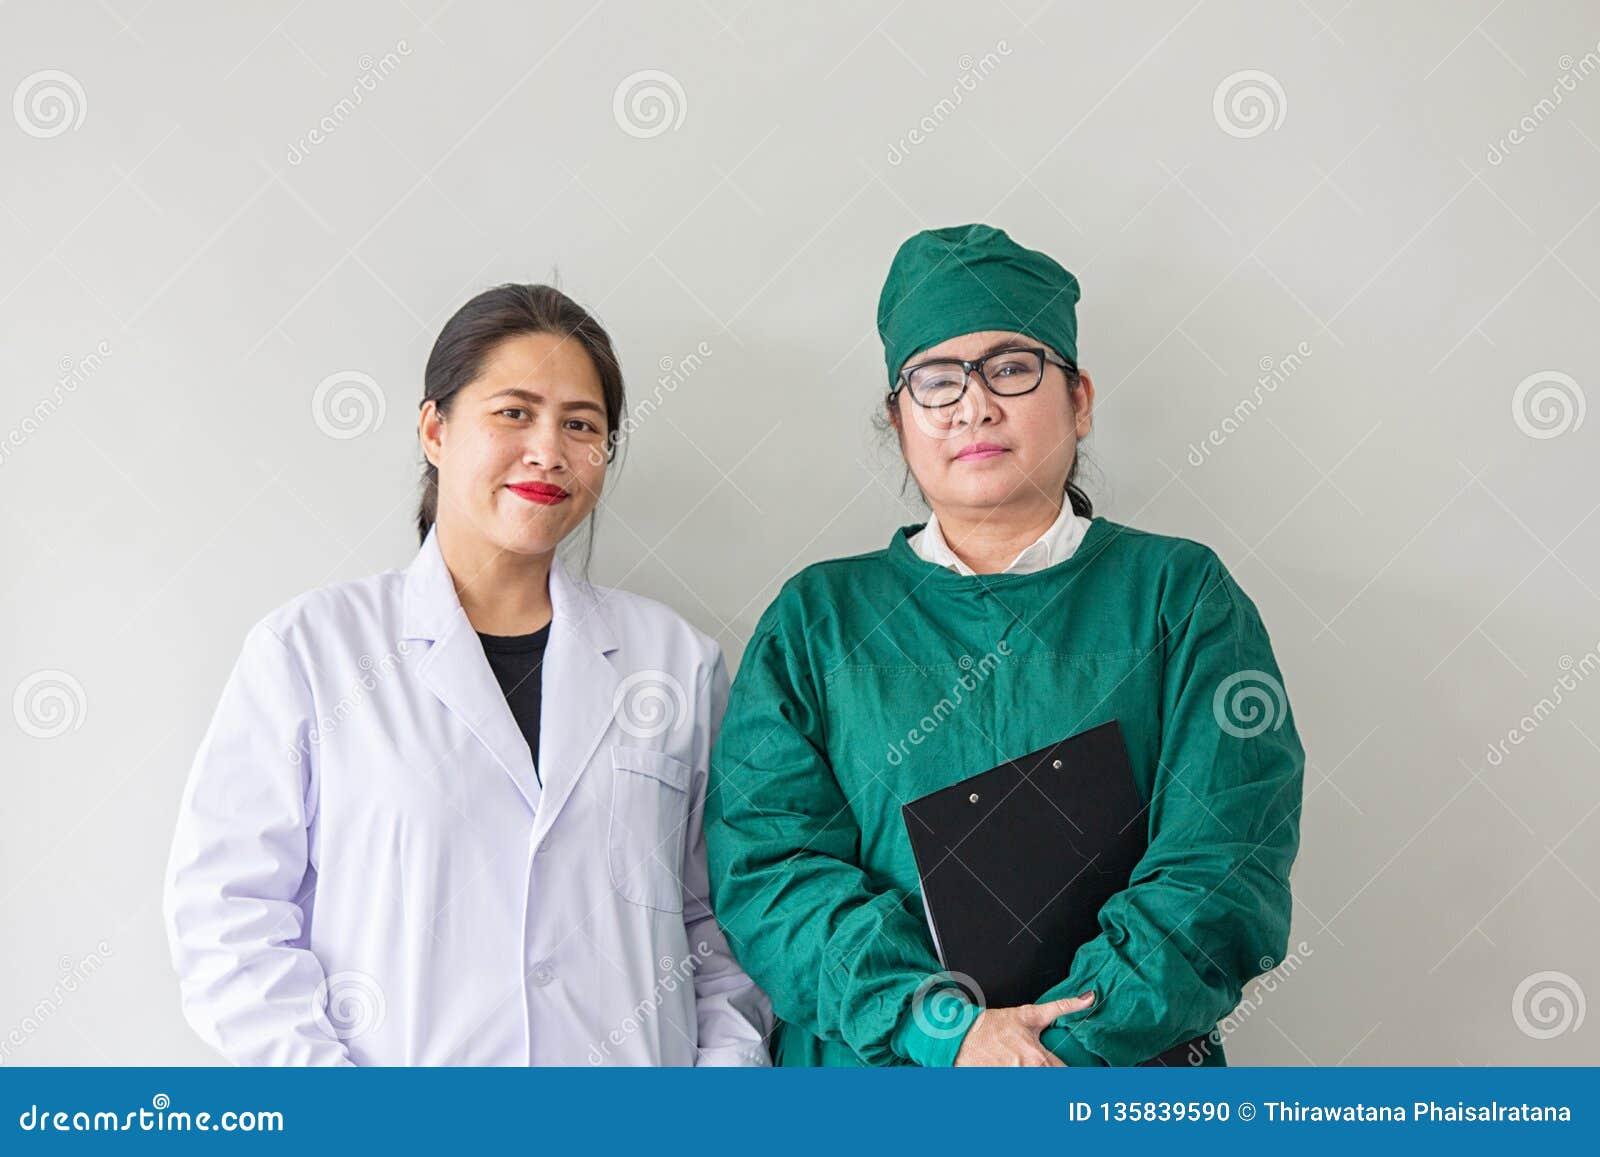 Sourire asiatique de deux travailleurs médicaux Portrait de docteur asiatique